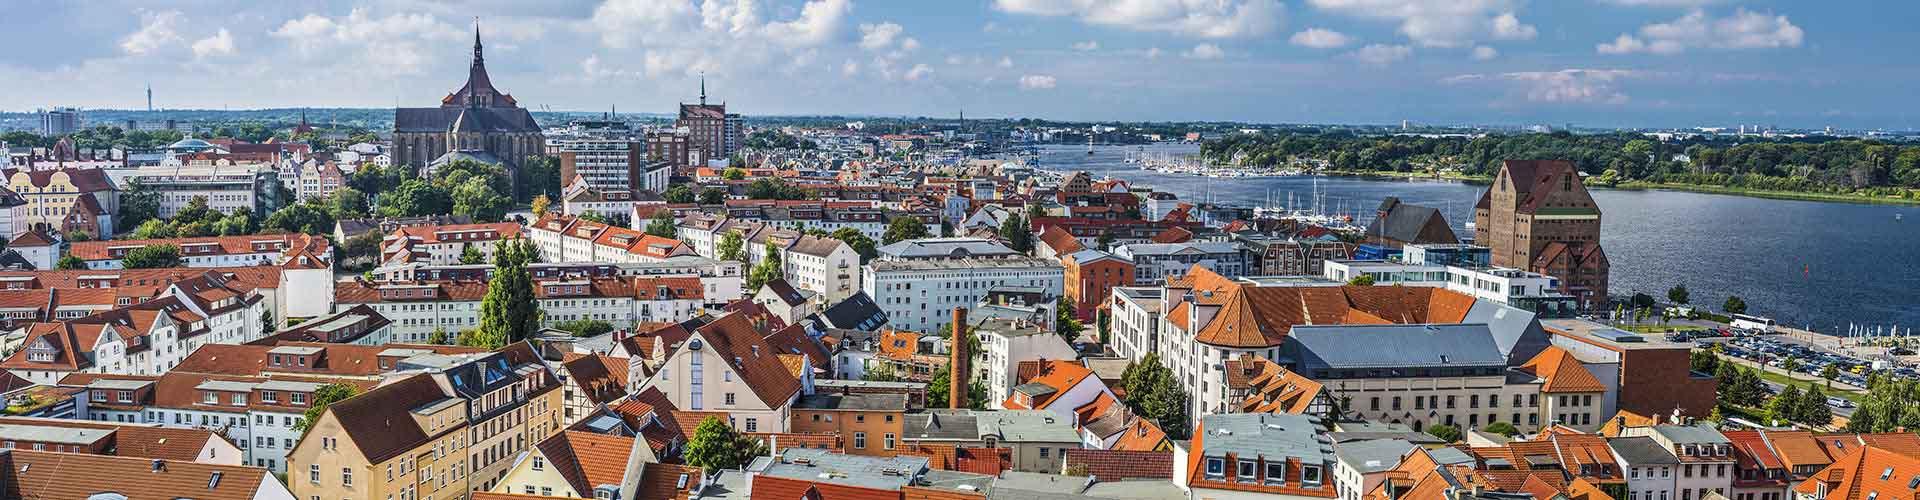 Rostock – Albergues em Rostock. Mapas para Rostock, Fotos e Avaliações para cada Albergue em Rostock.